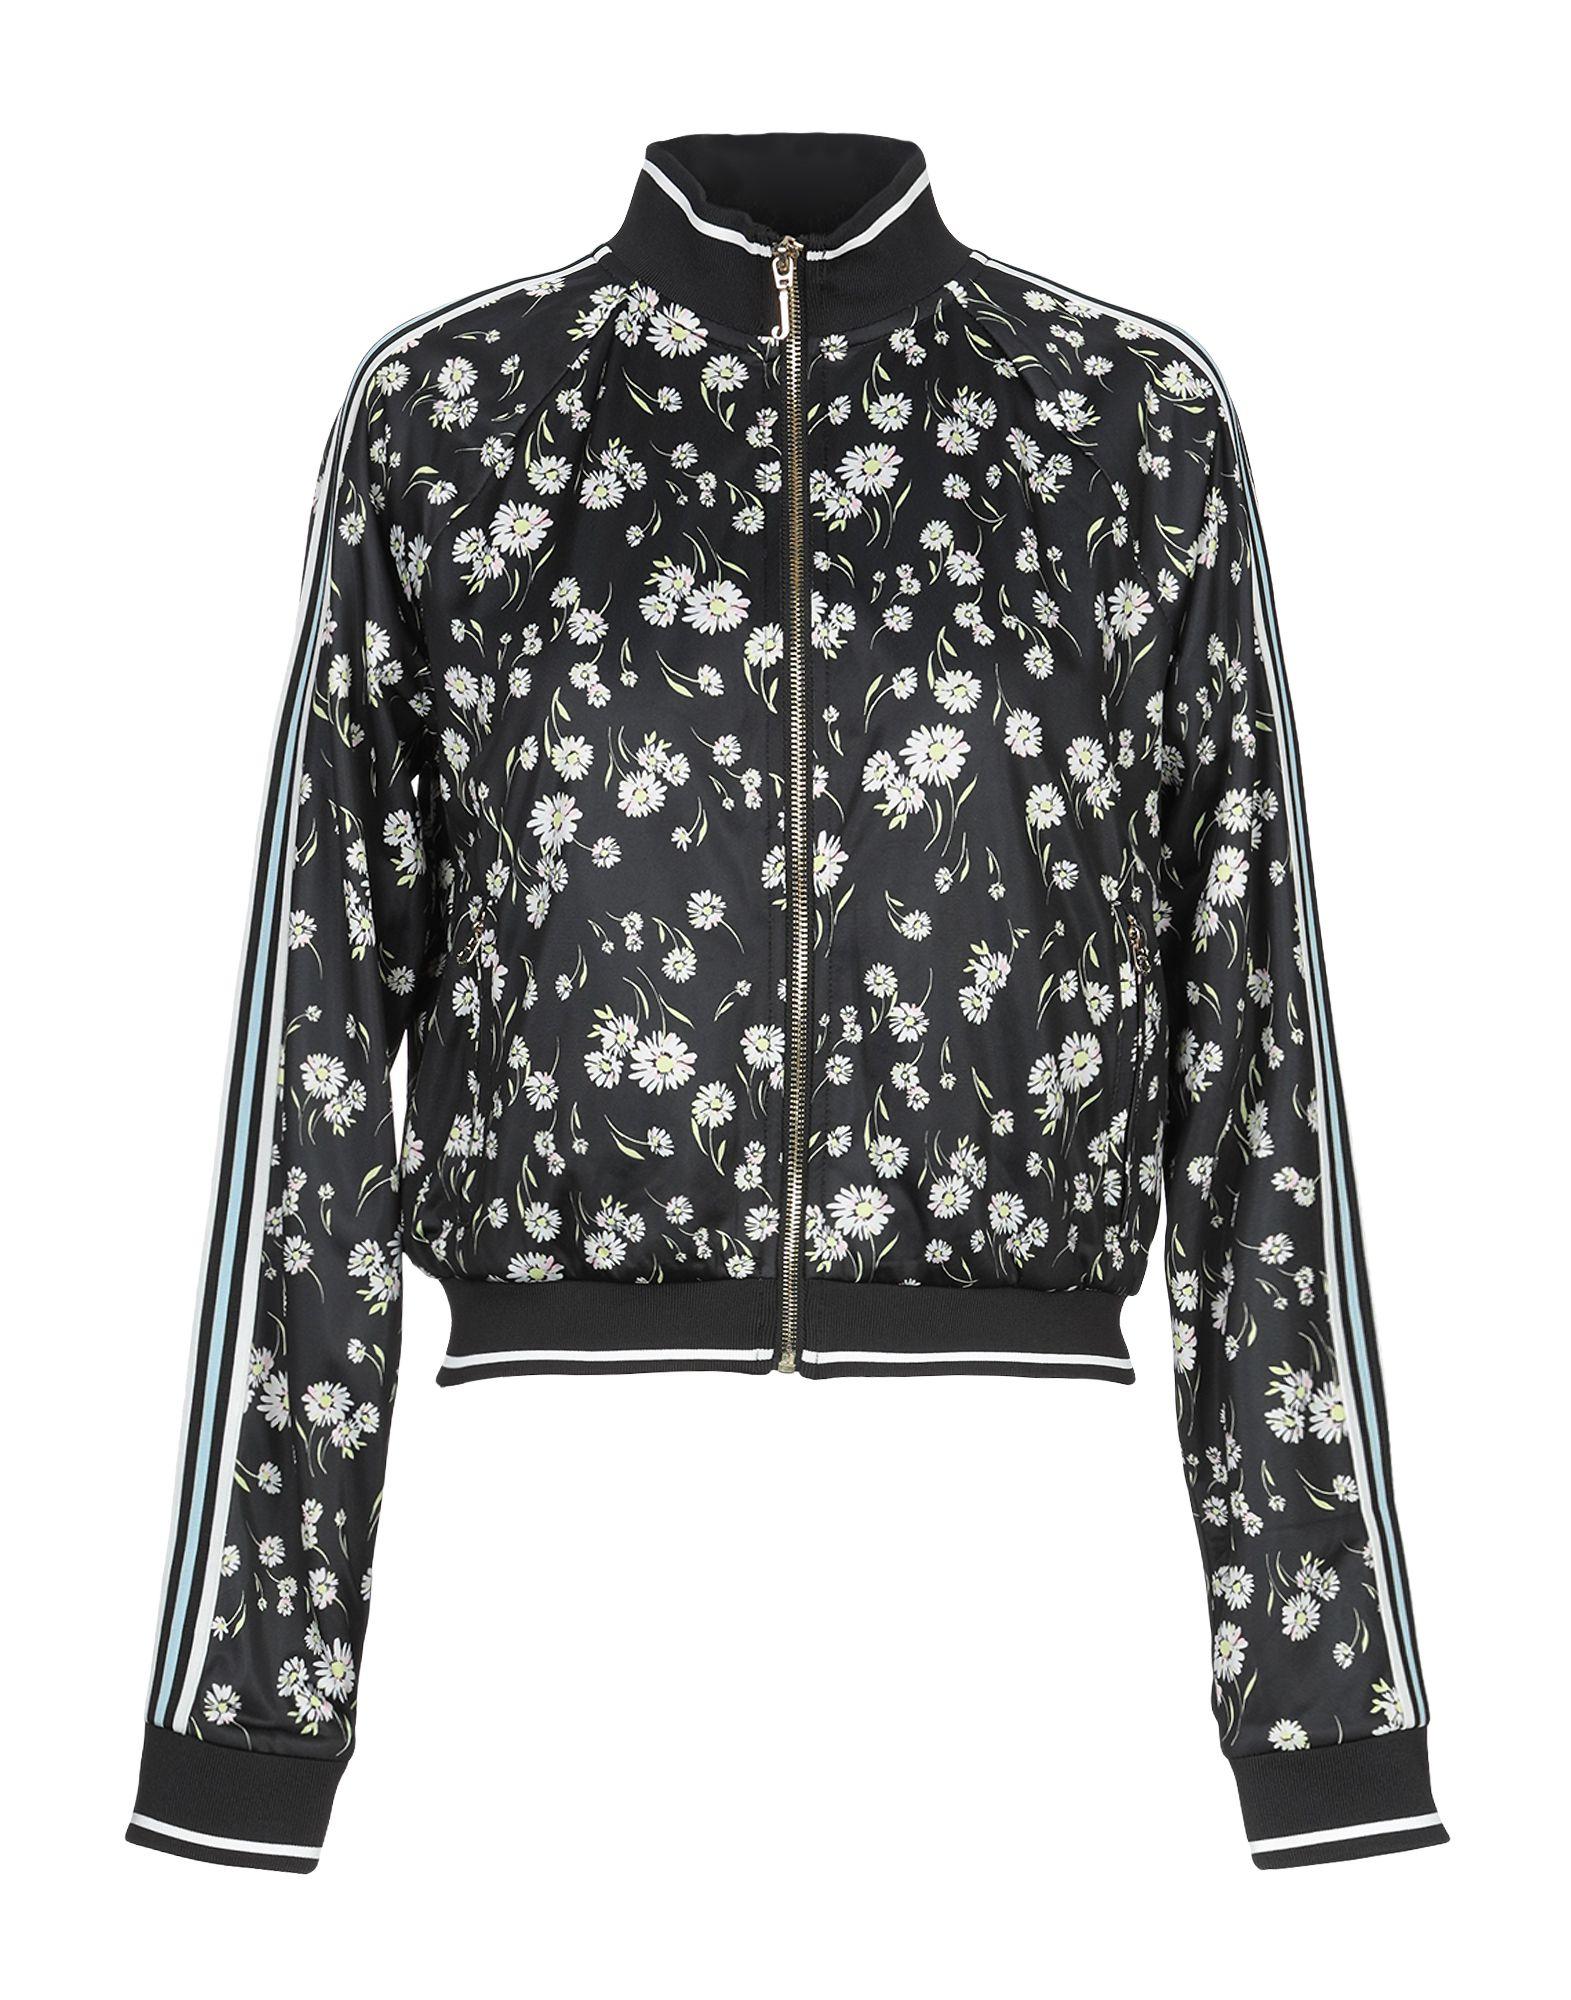 《送料無料》JUICY COUTURE レディース スウェットシャツ ブラック XS ポリエステル 100%